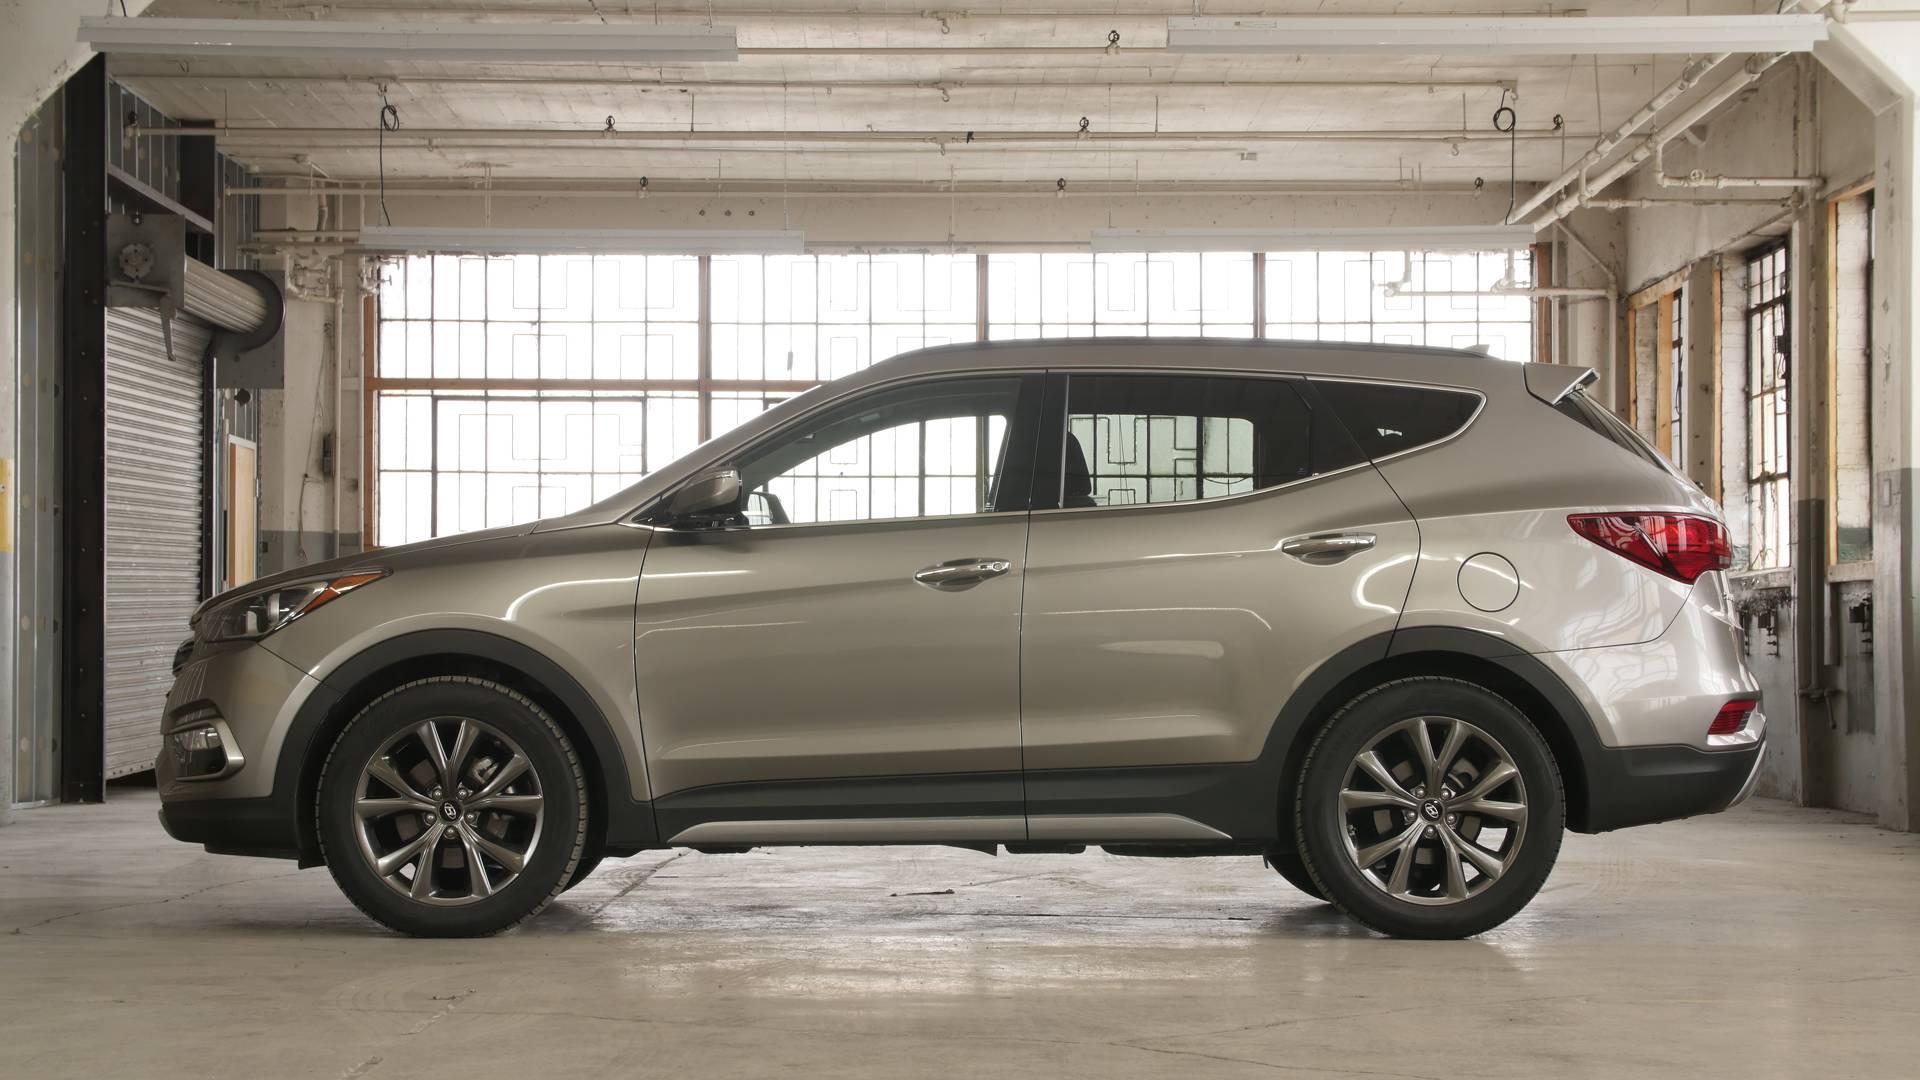 2018 Hyundai Santa Fe >> 2018 Hyundai Santa Fe Sport Why Buy